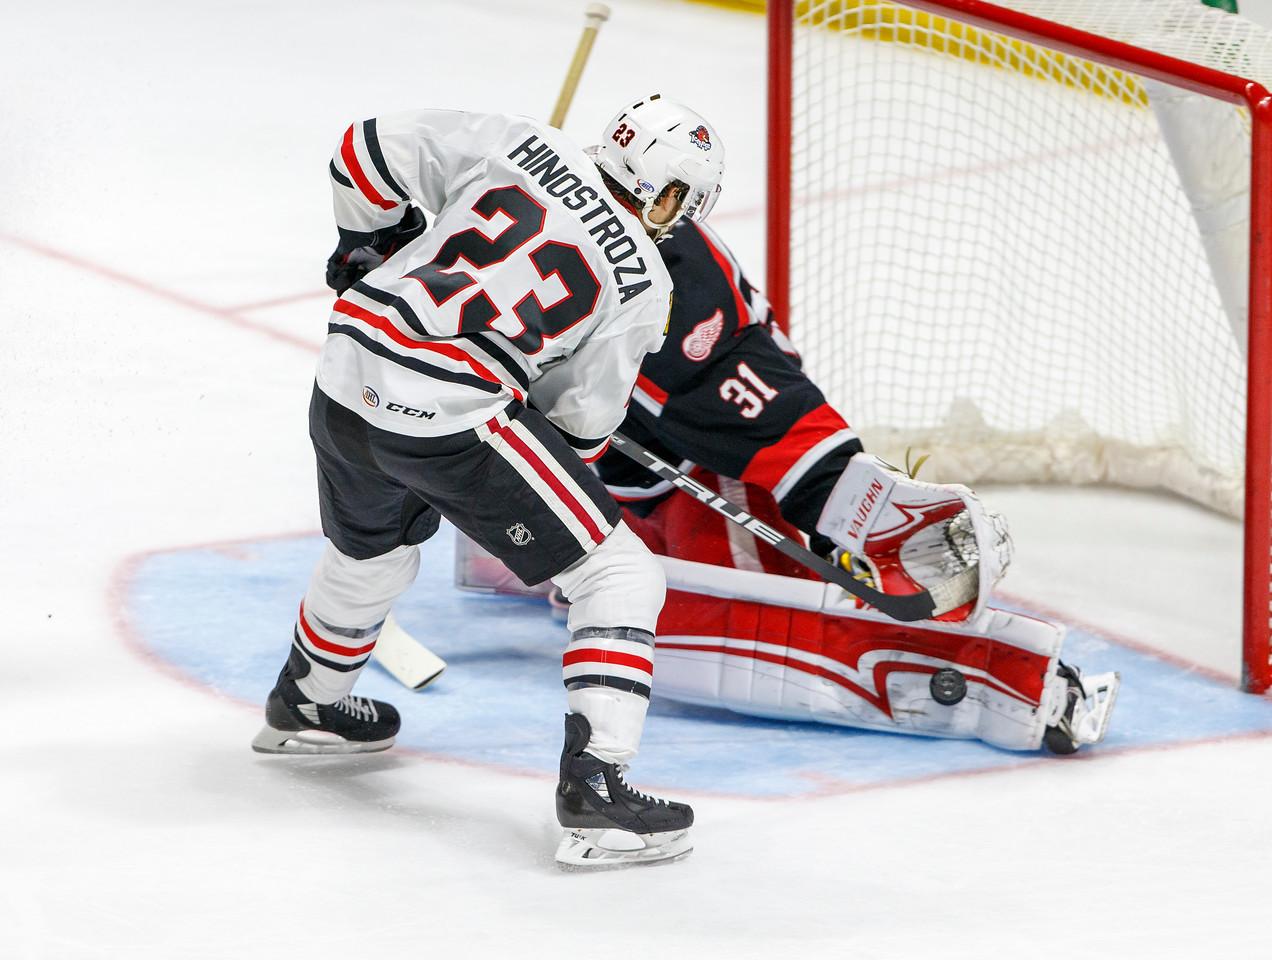 IMAGE: https://photos.smugmug.com/Sports/HockeyPhotos/IceHogs-2017-2018/10-20-17-IceHogs-vs-Griffins/i-gZ4JfQC/0/a2ac5123/X2/CC6Q4551_1097-X2.jpg